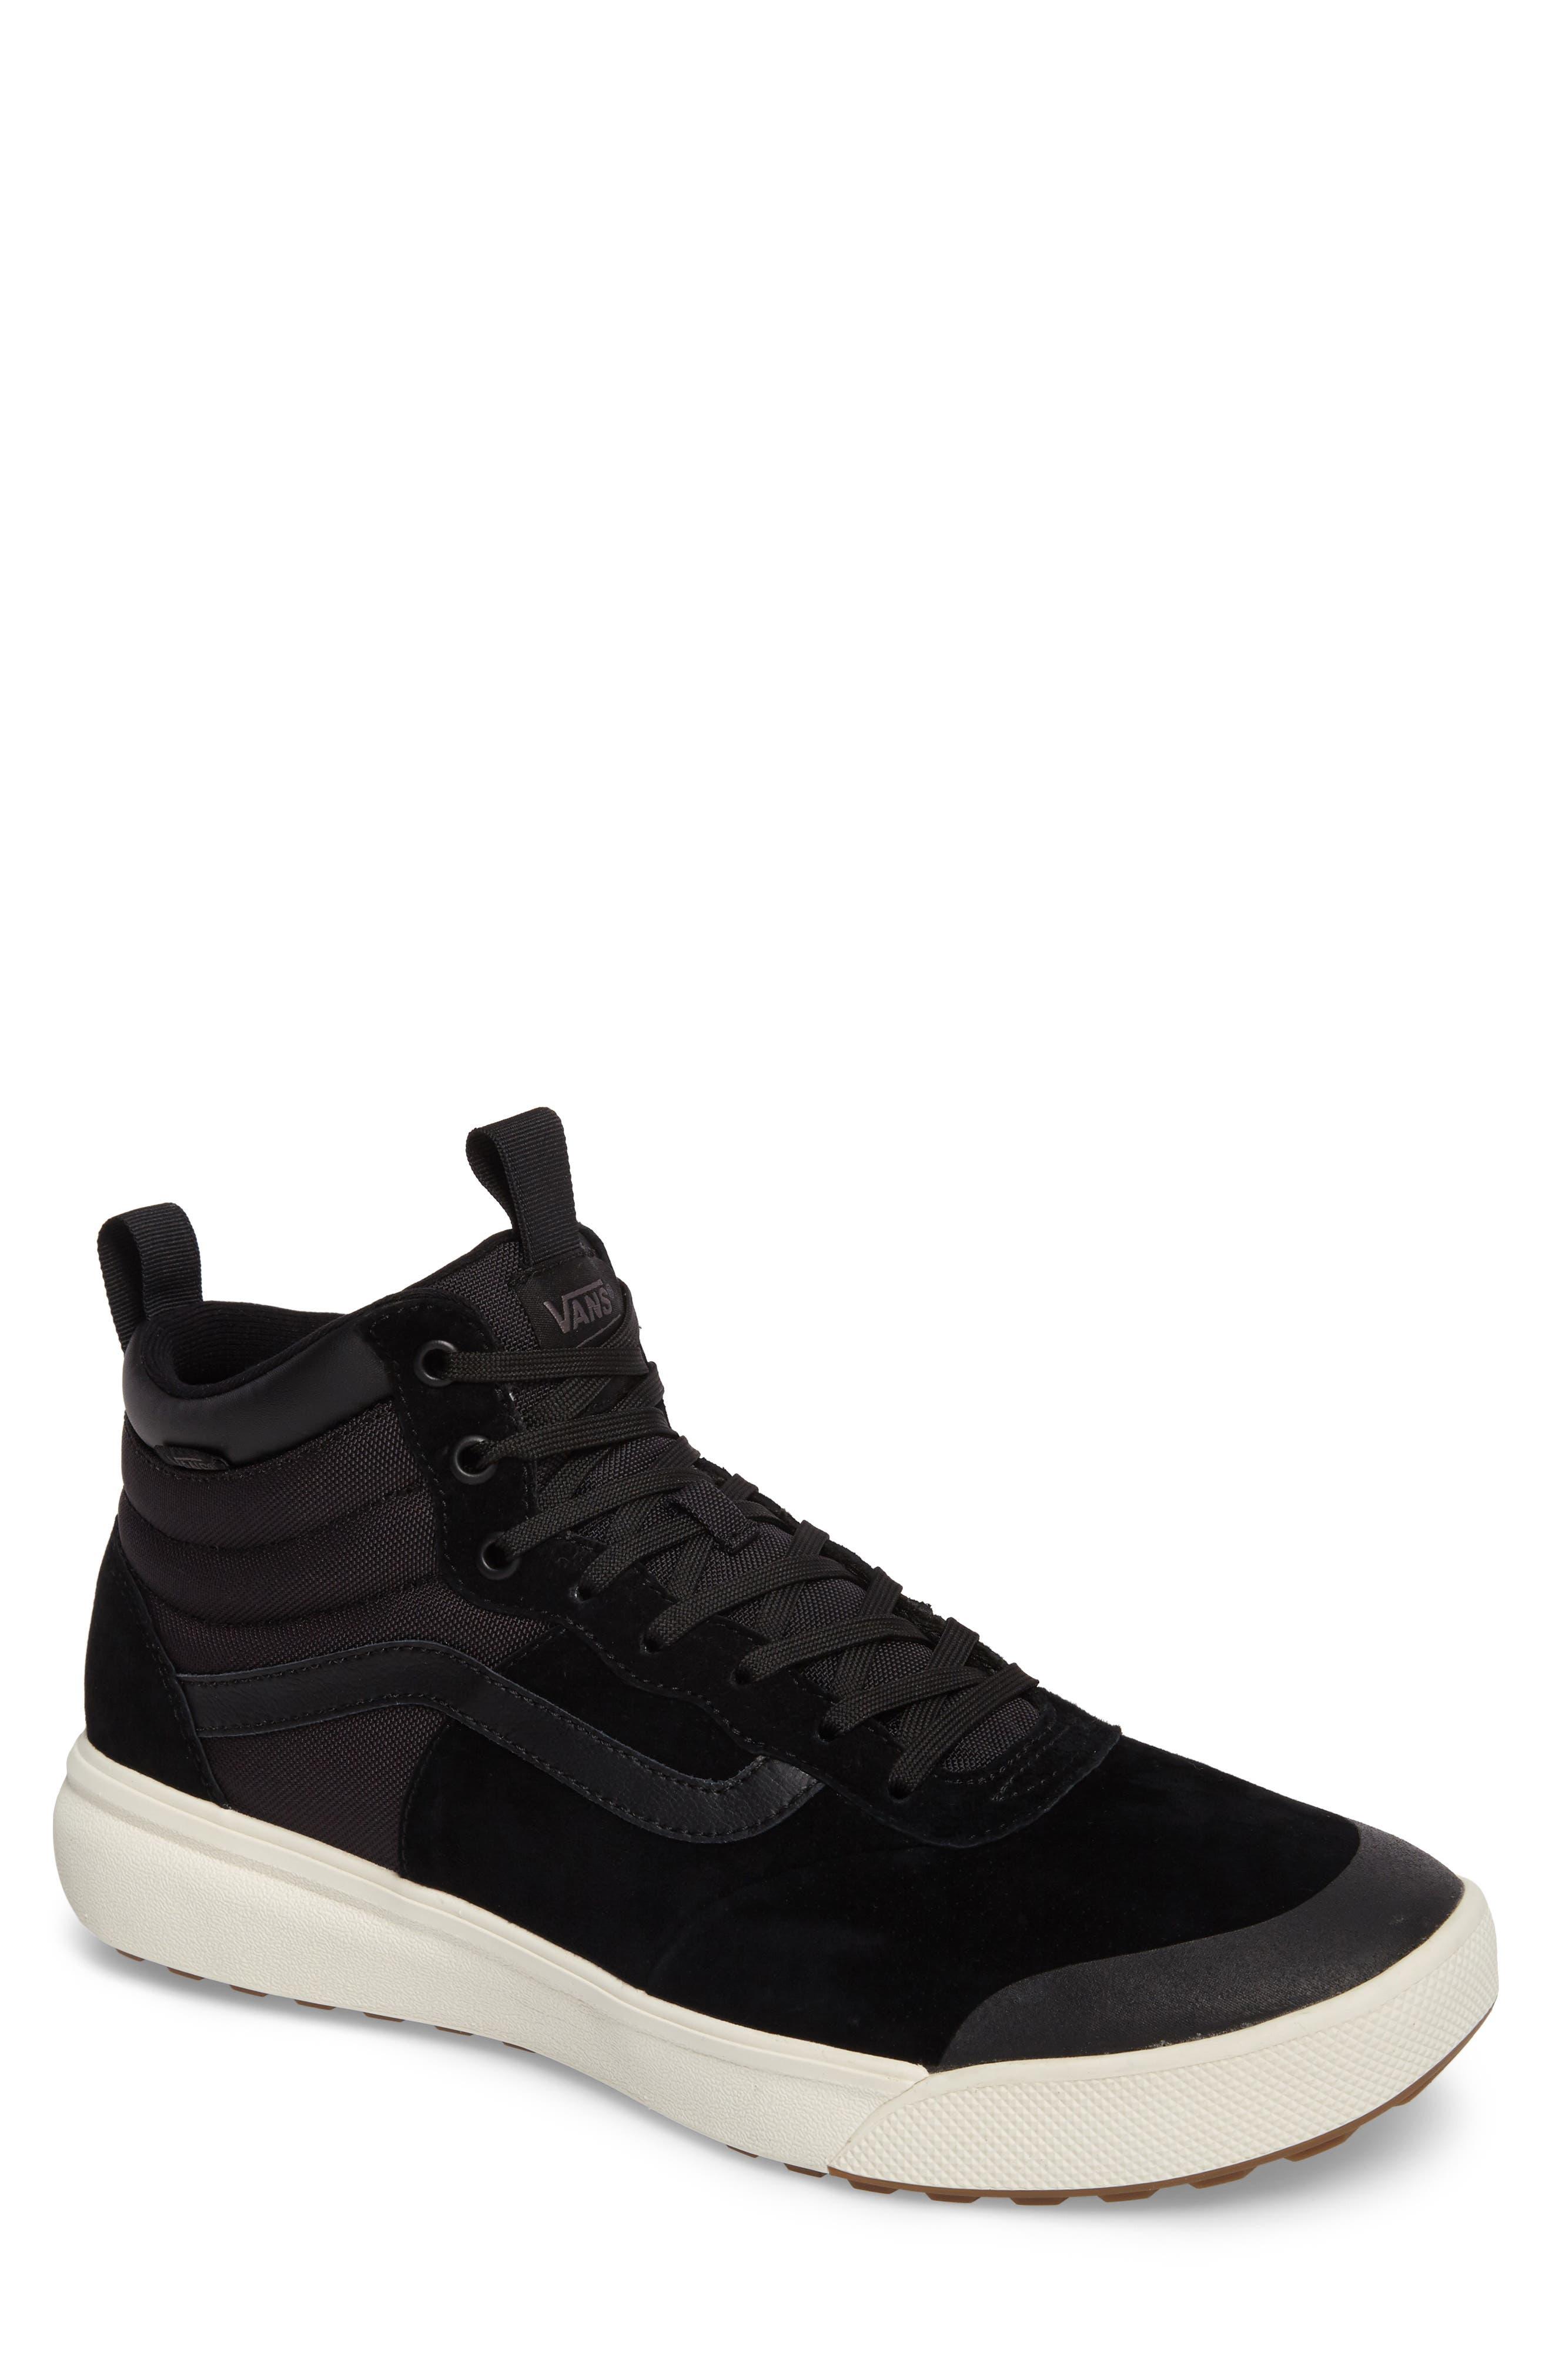 Ultrarange Hi Sneaker,                             Main thumbnail 1, color,                             BLACK SUEDE